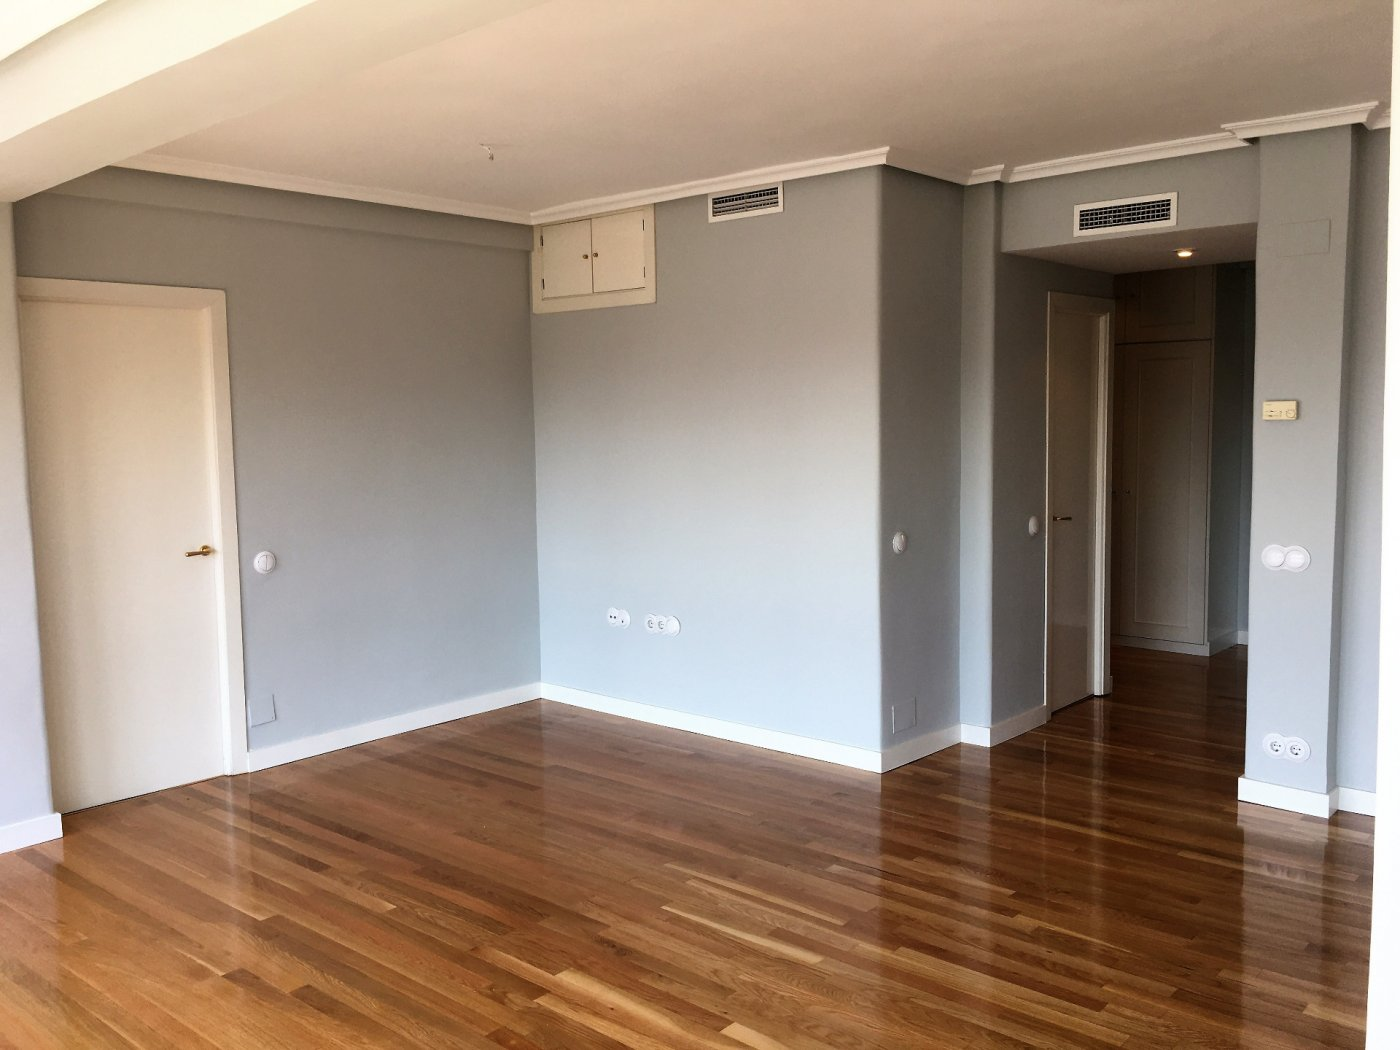 Alquiler de piso en madrid - imagenInmueble5